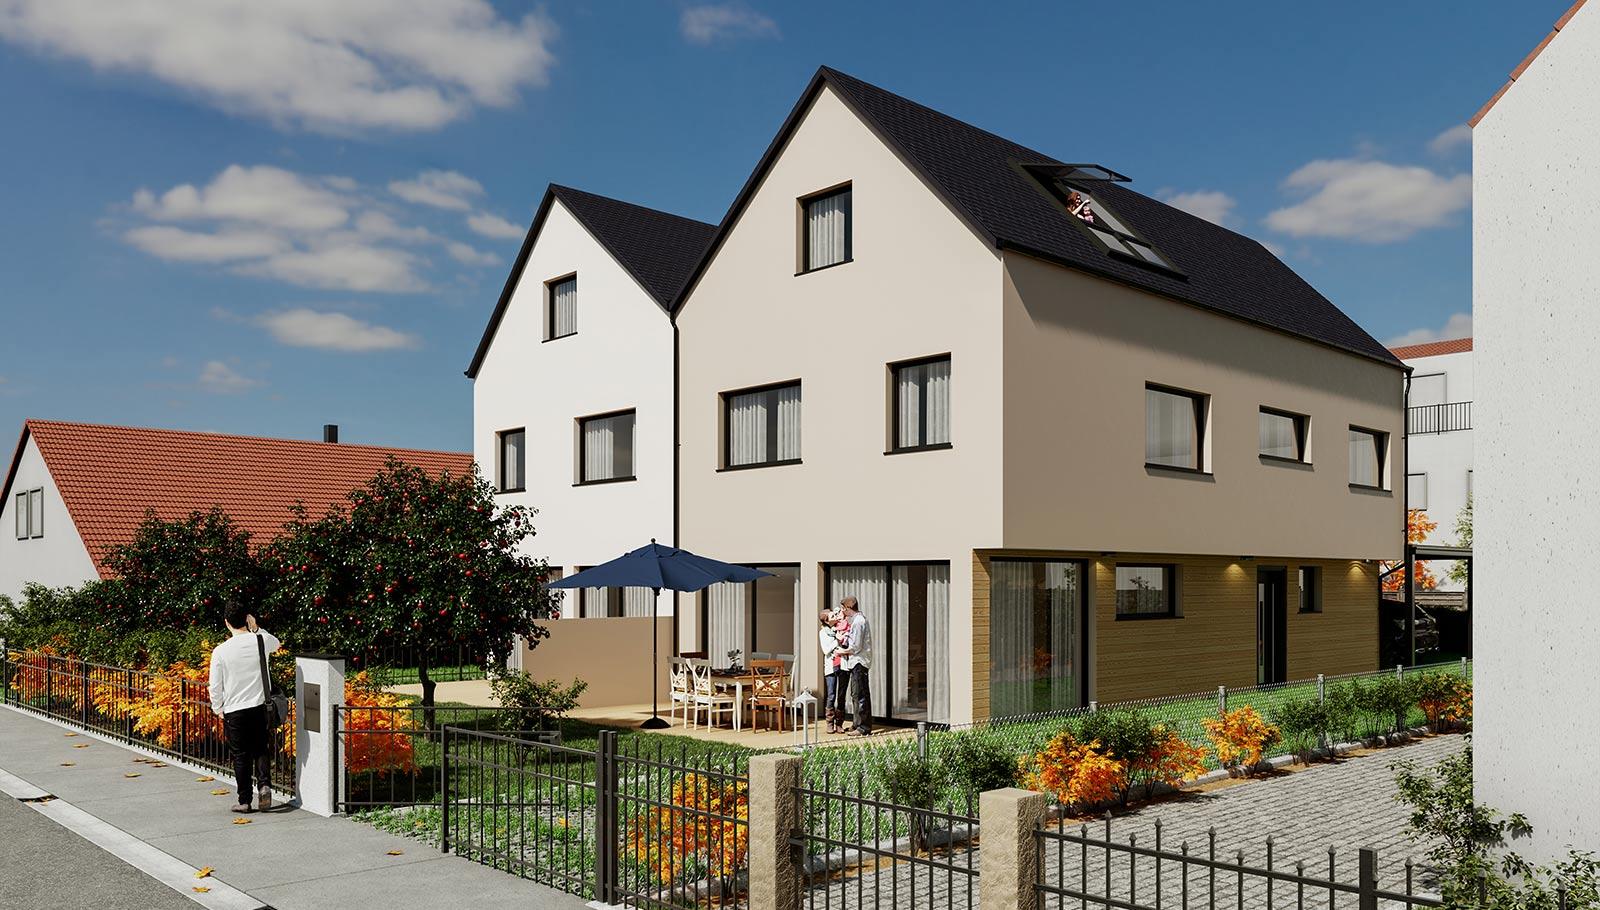 Twinhouses in Leitershofen 2 Doppelhaushälften